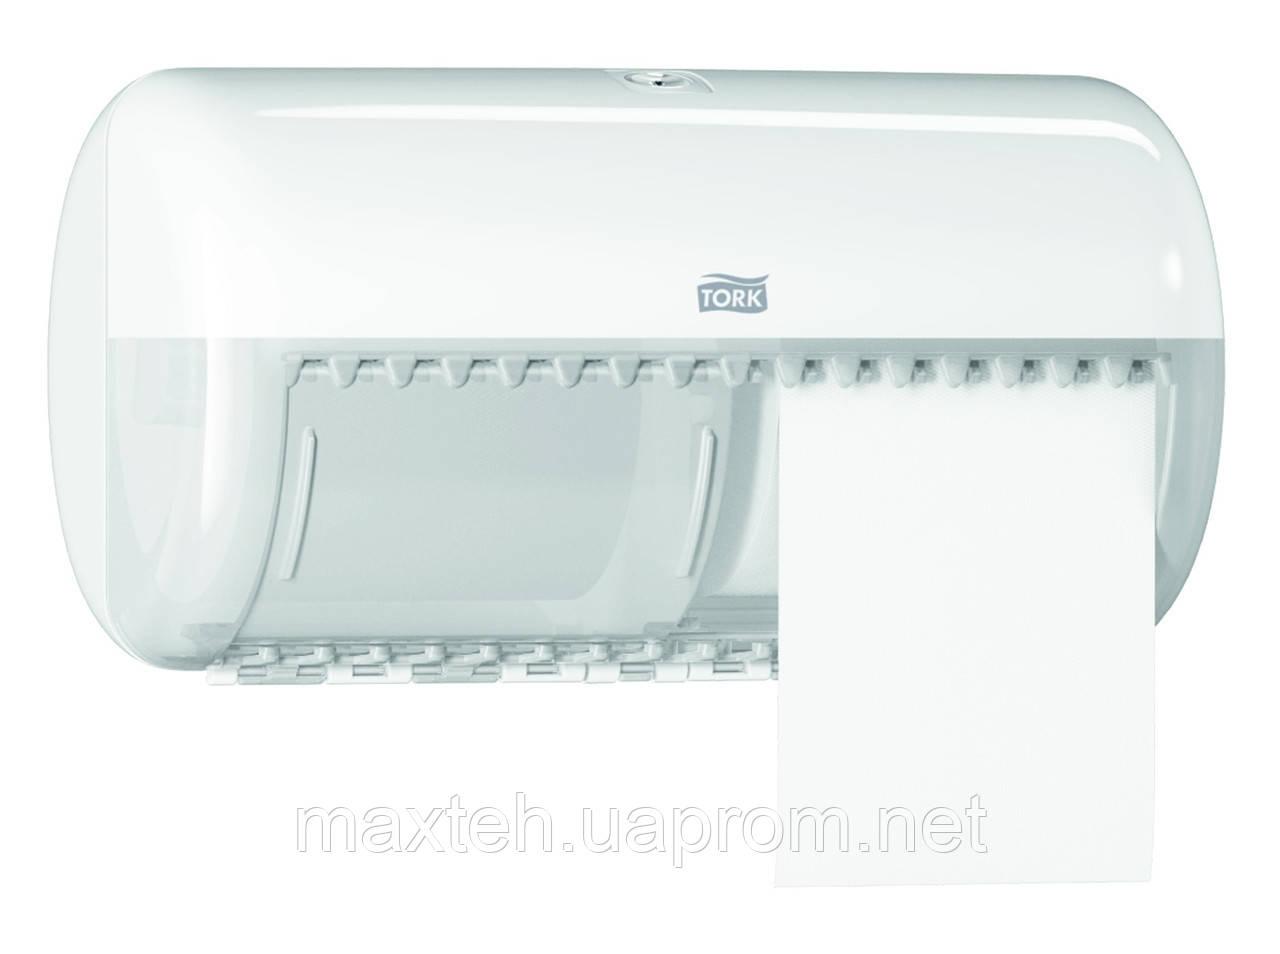 Диспенсер для туалетной бумаги в стандартных рулонах Tork